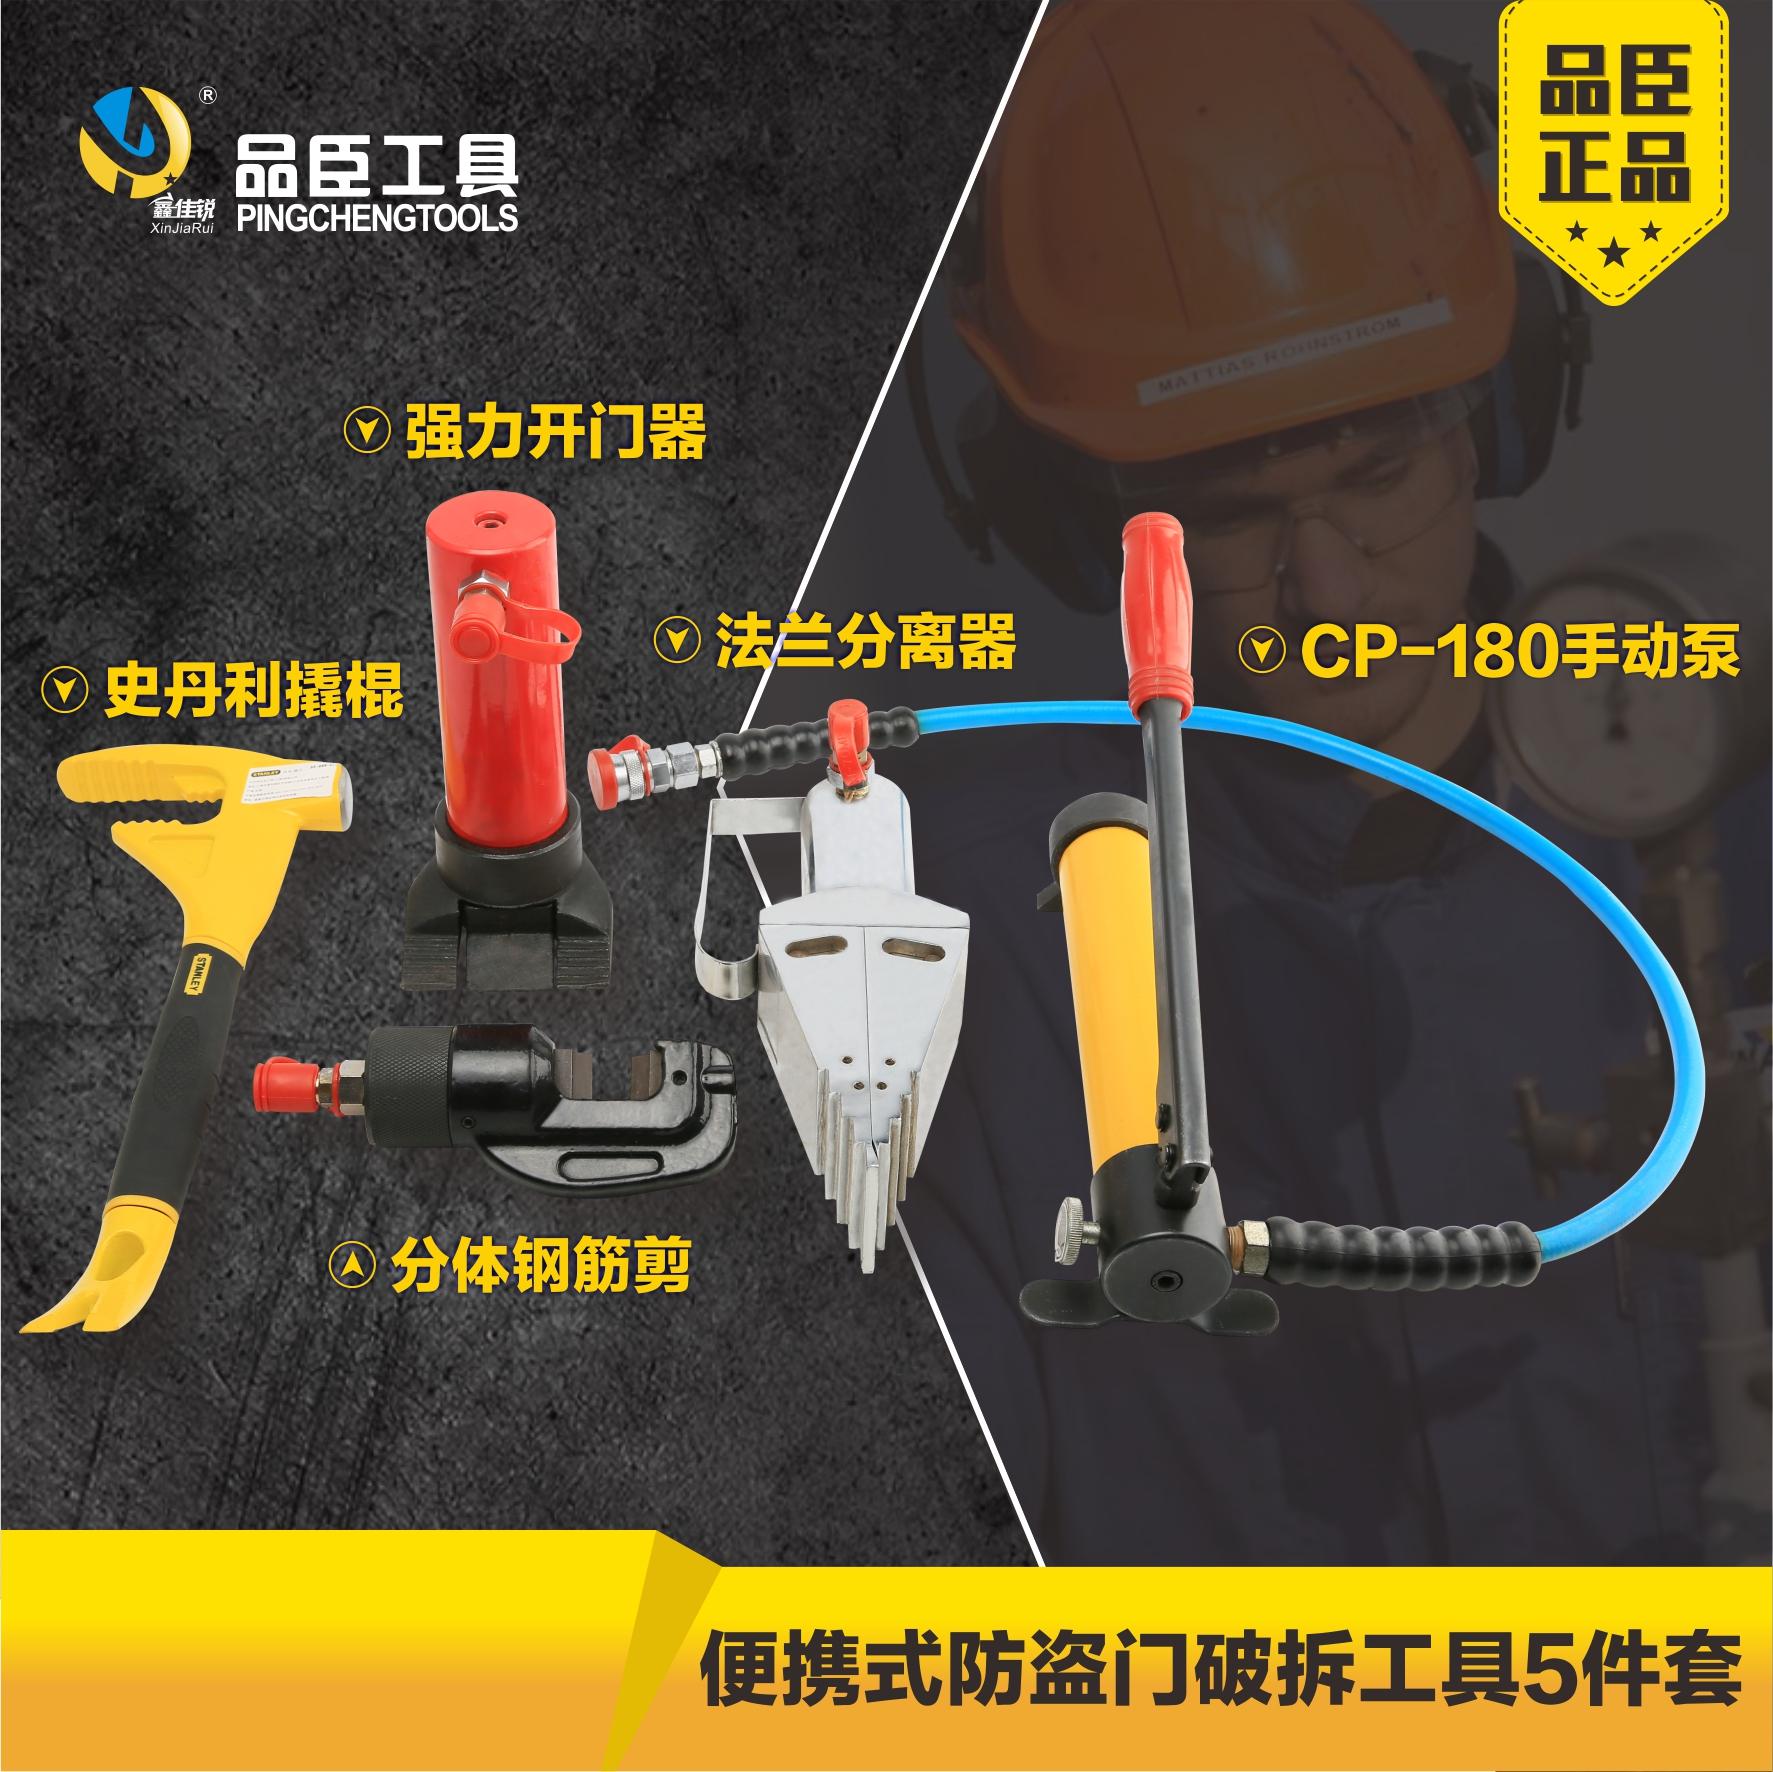 Bộ công cụ chống trộm cửa chống trộm cầm tay công cụ phá khóa bằng tay năm mảnh công cụ cứu hỏa thủy lực - Dụng cụ thủy lực / nâng